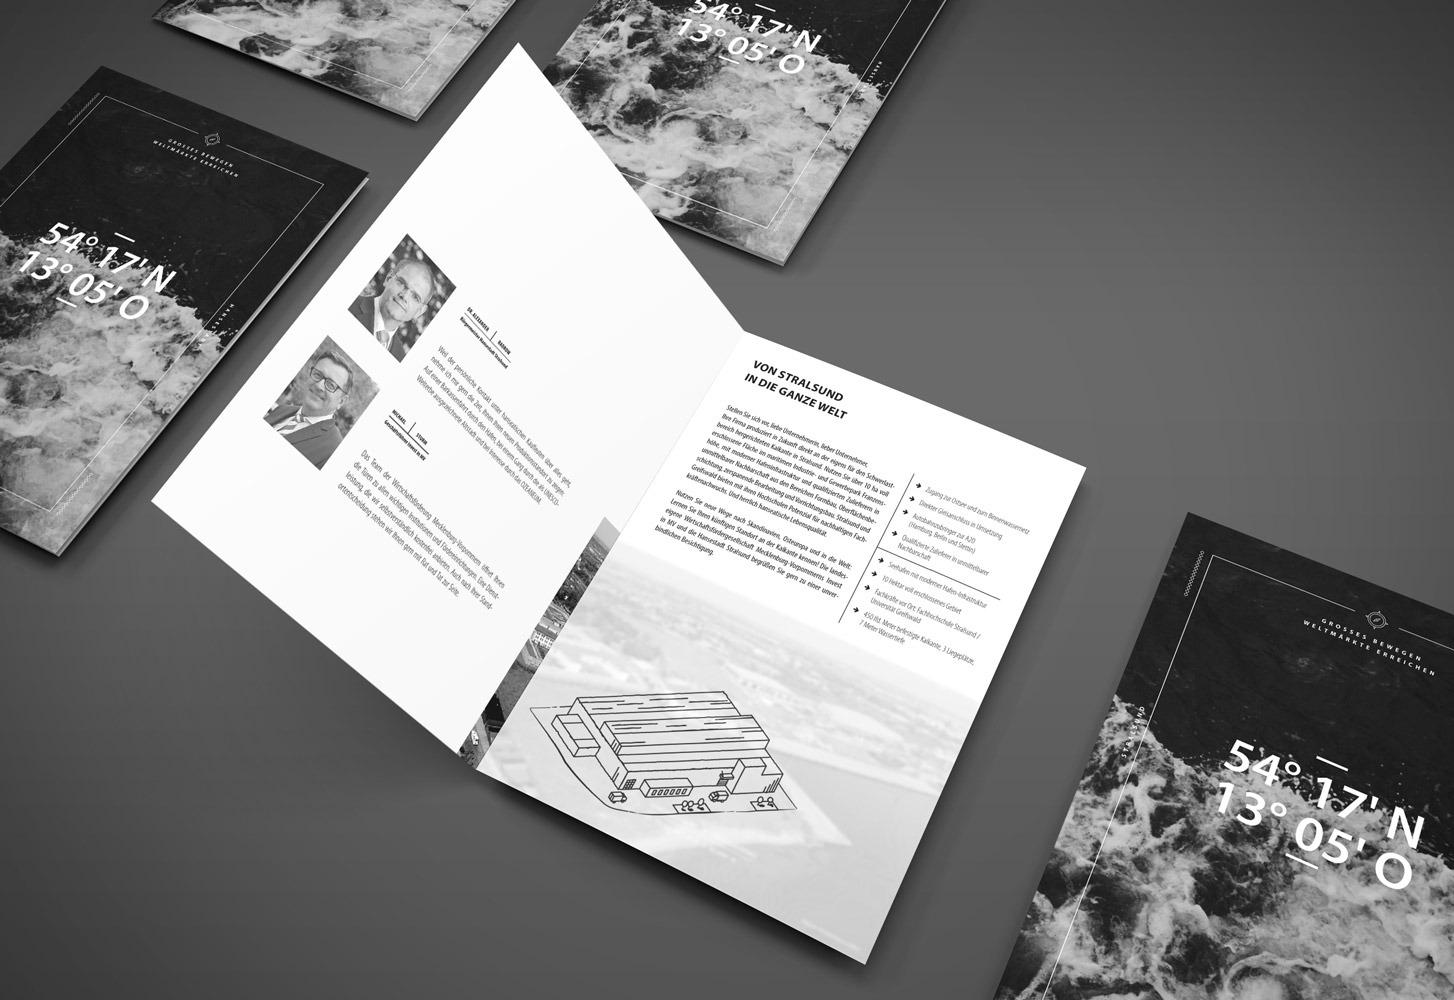 uebersicht_leistungen_print